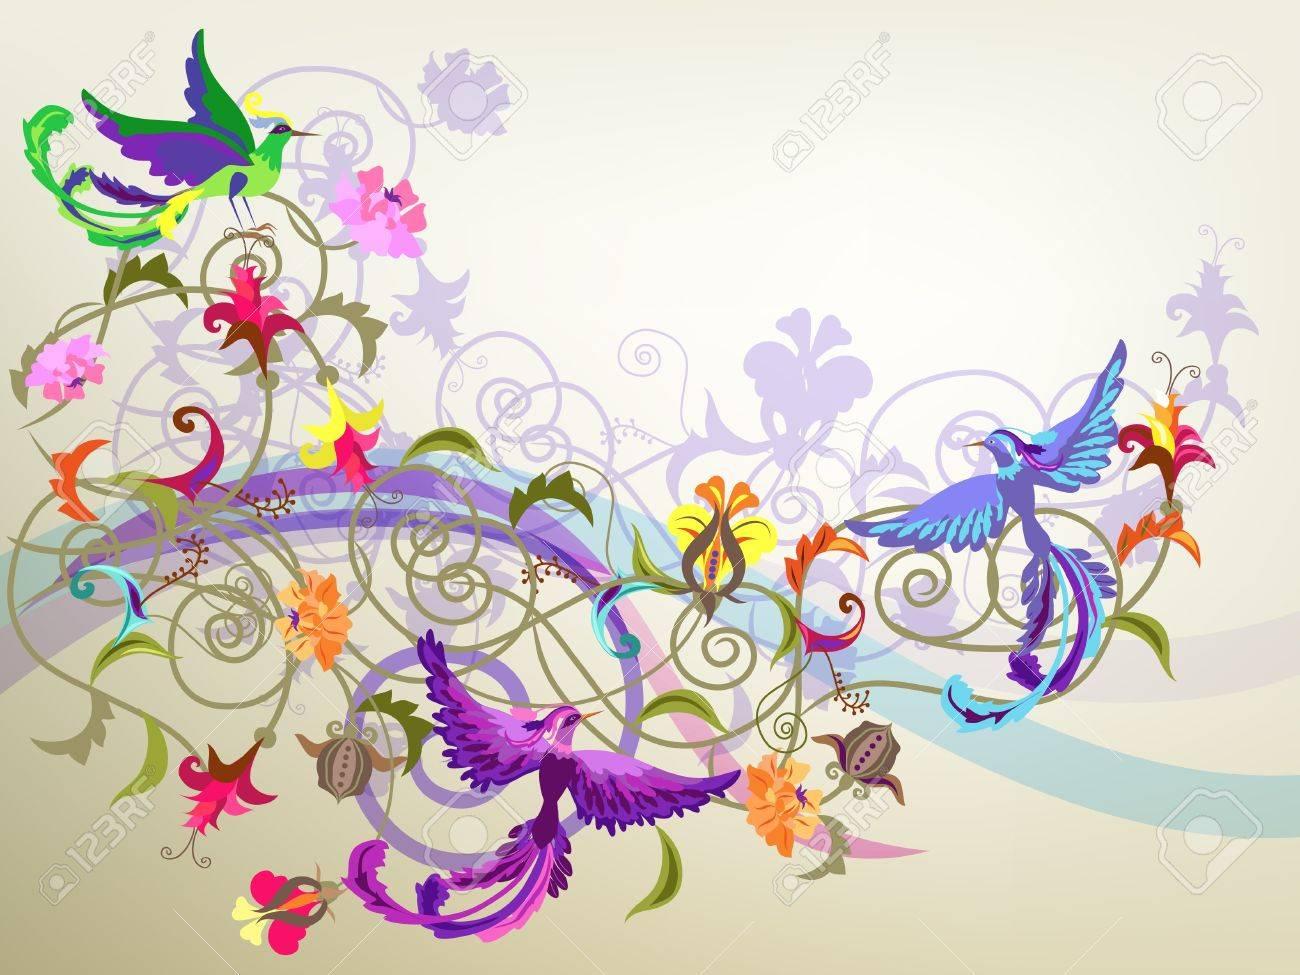 Fleurs Stylisées décoratifs fond coloré avec des fleurs stylisées et motifs d'oiseaux